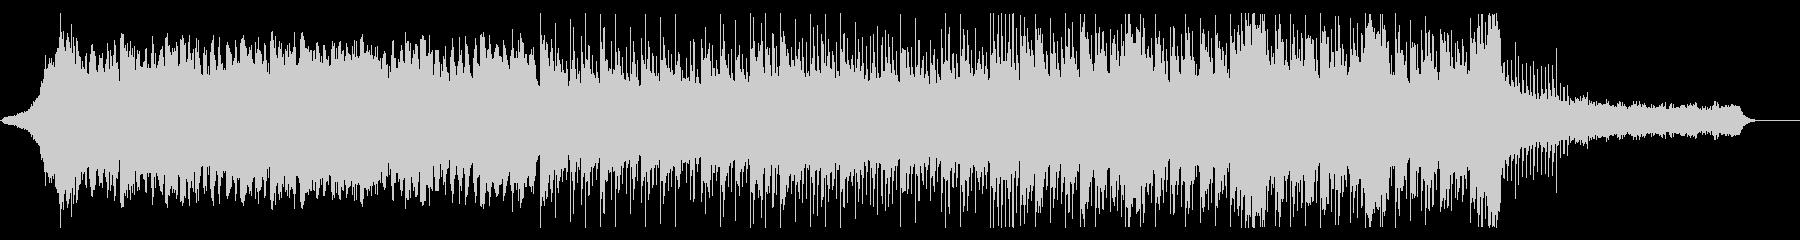 ビート感のあるシリアスなBGMの未再生の波形